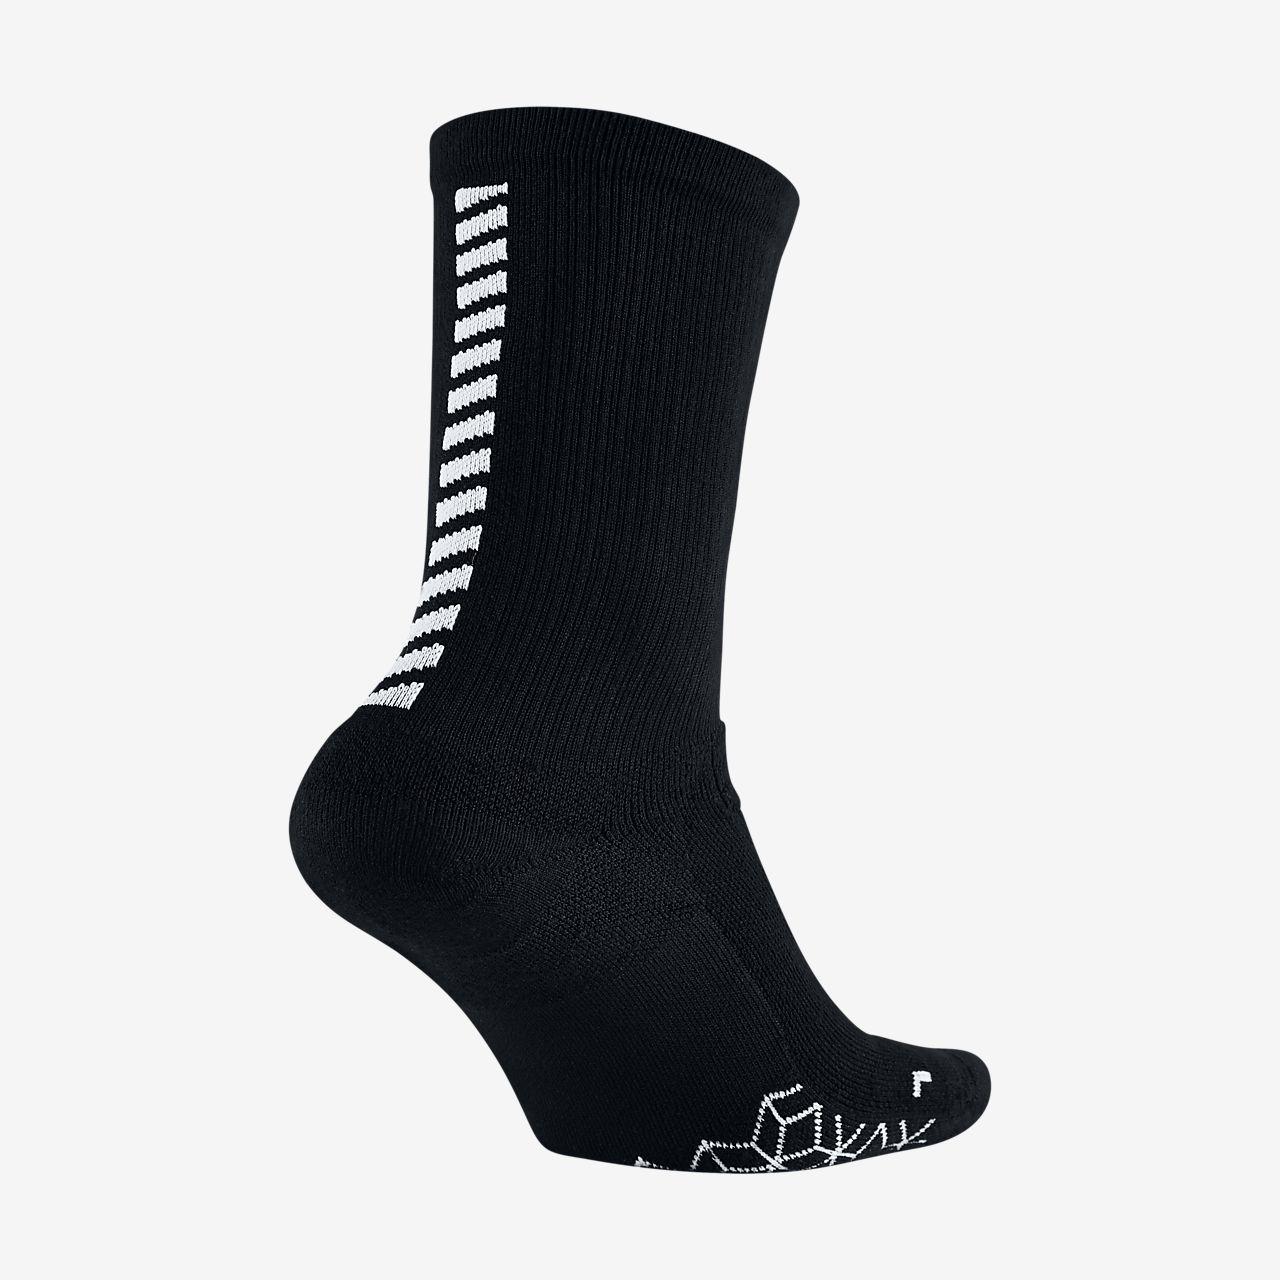 sortie en Chine Nike Mens Élite Chaussettes De L'équipage Coussin De Course réduction populaire vente commercialisable réduction offres vente best-seller EGHgjoGv6